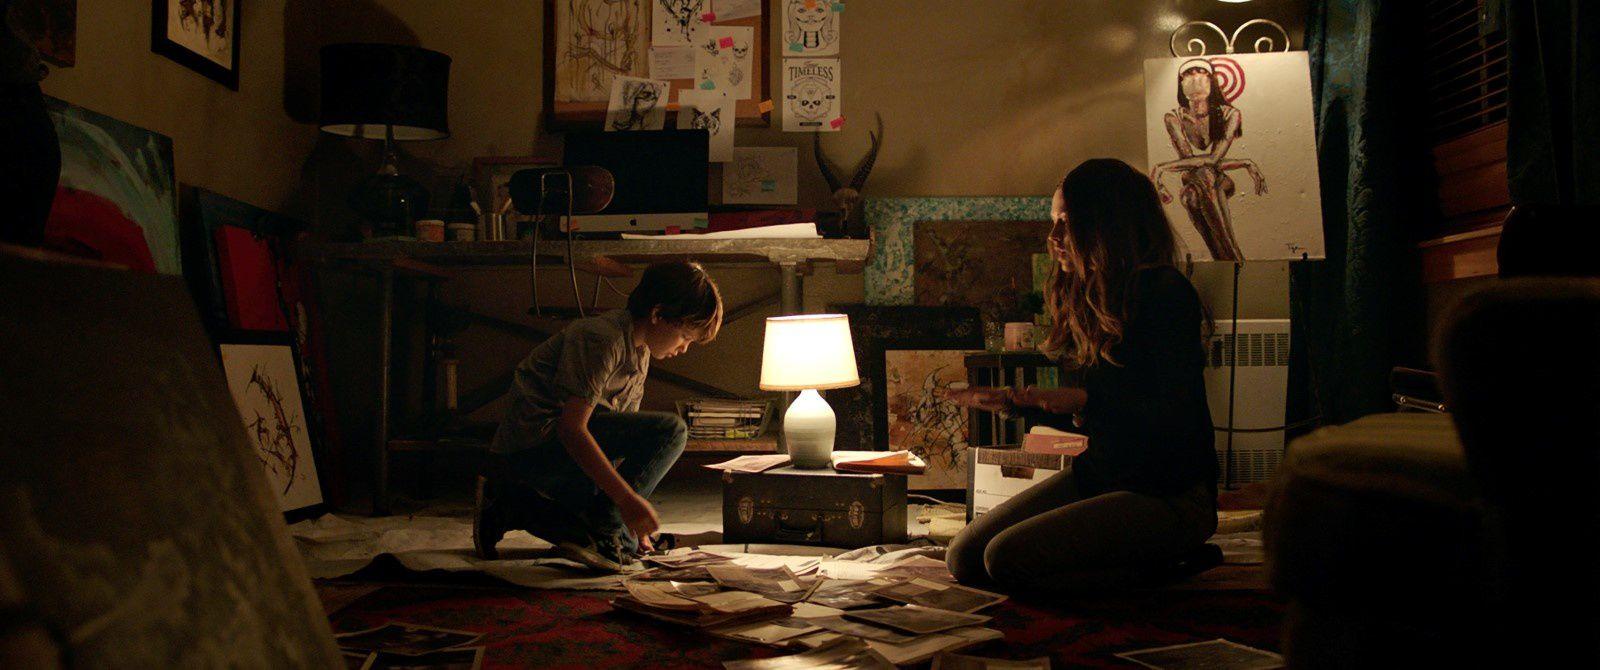 Dans le noir (Lights Out) (BANDE ANNONCE VF et VOST) avec Teresa Palmer, Maria Bello - Le 24 août 2016 au cinéma